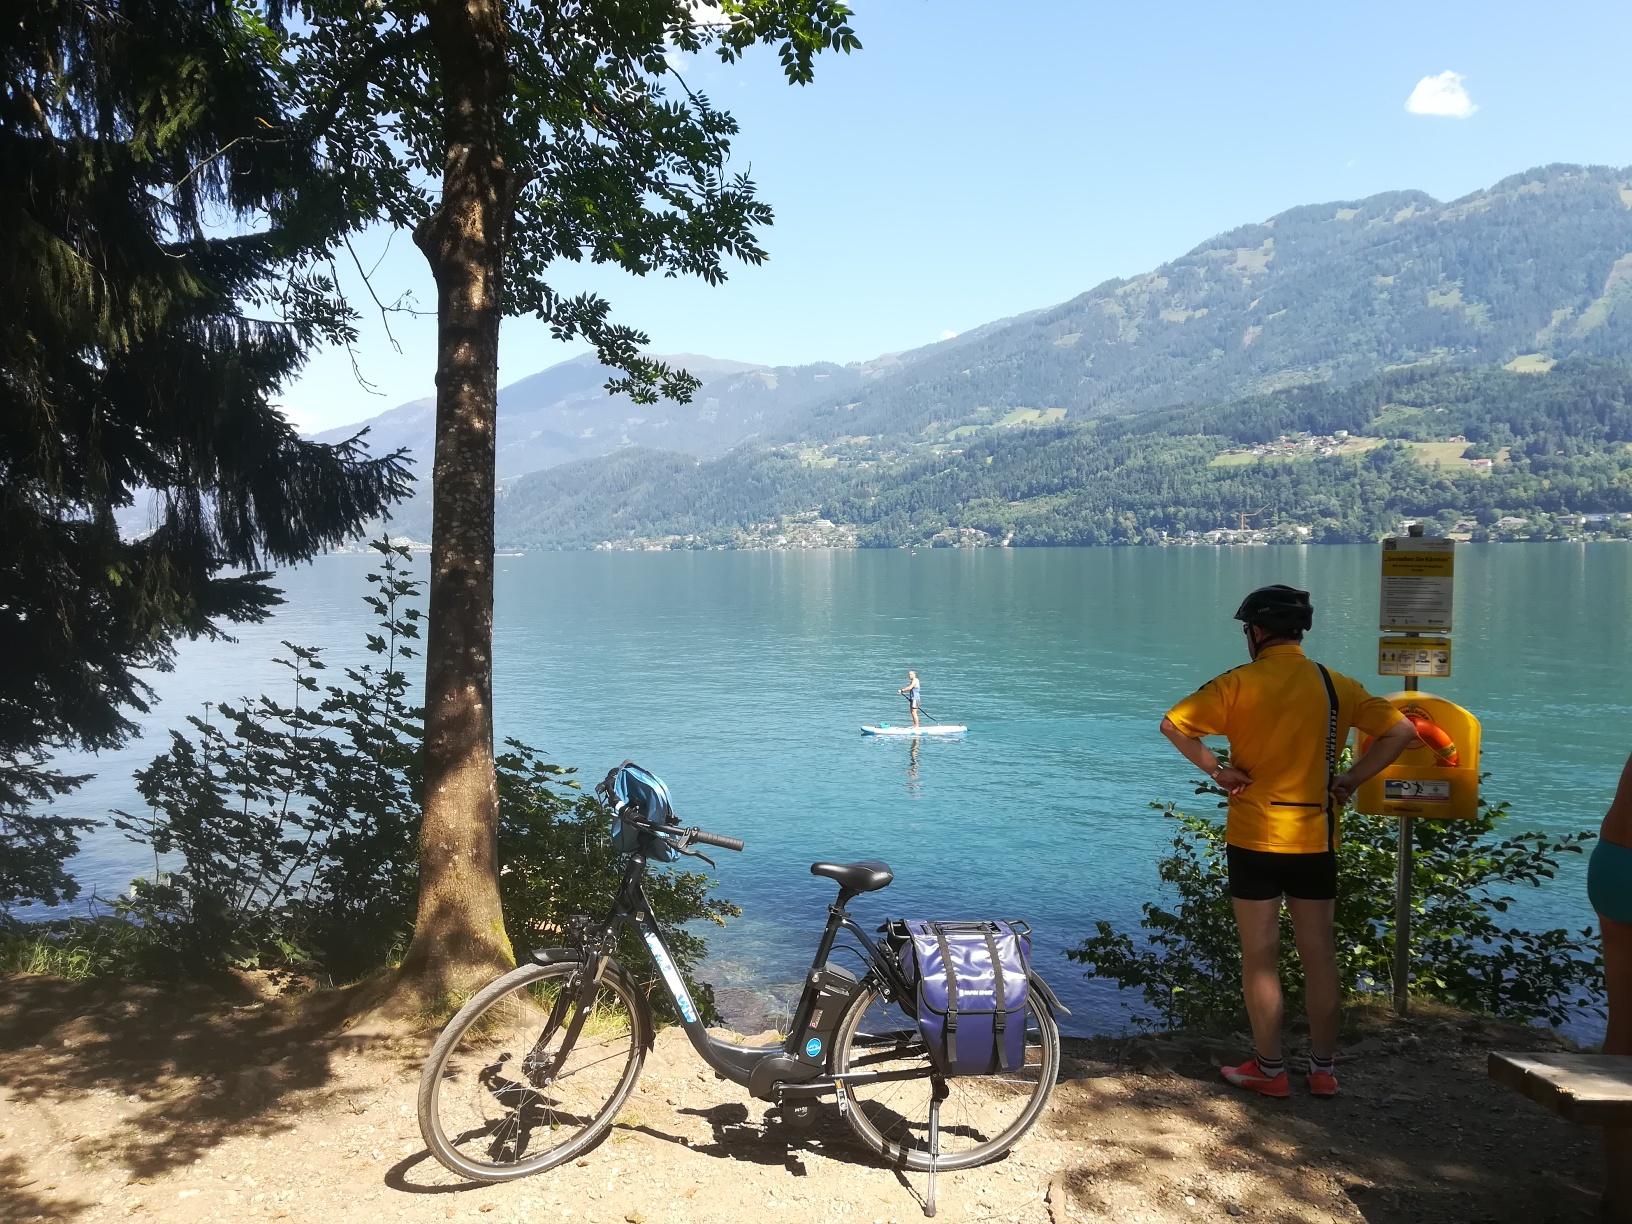 Esplora fantastici tour in bicicletta in Carinzia - Lago Millstatt in bicicletta